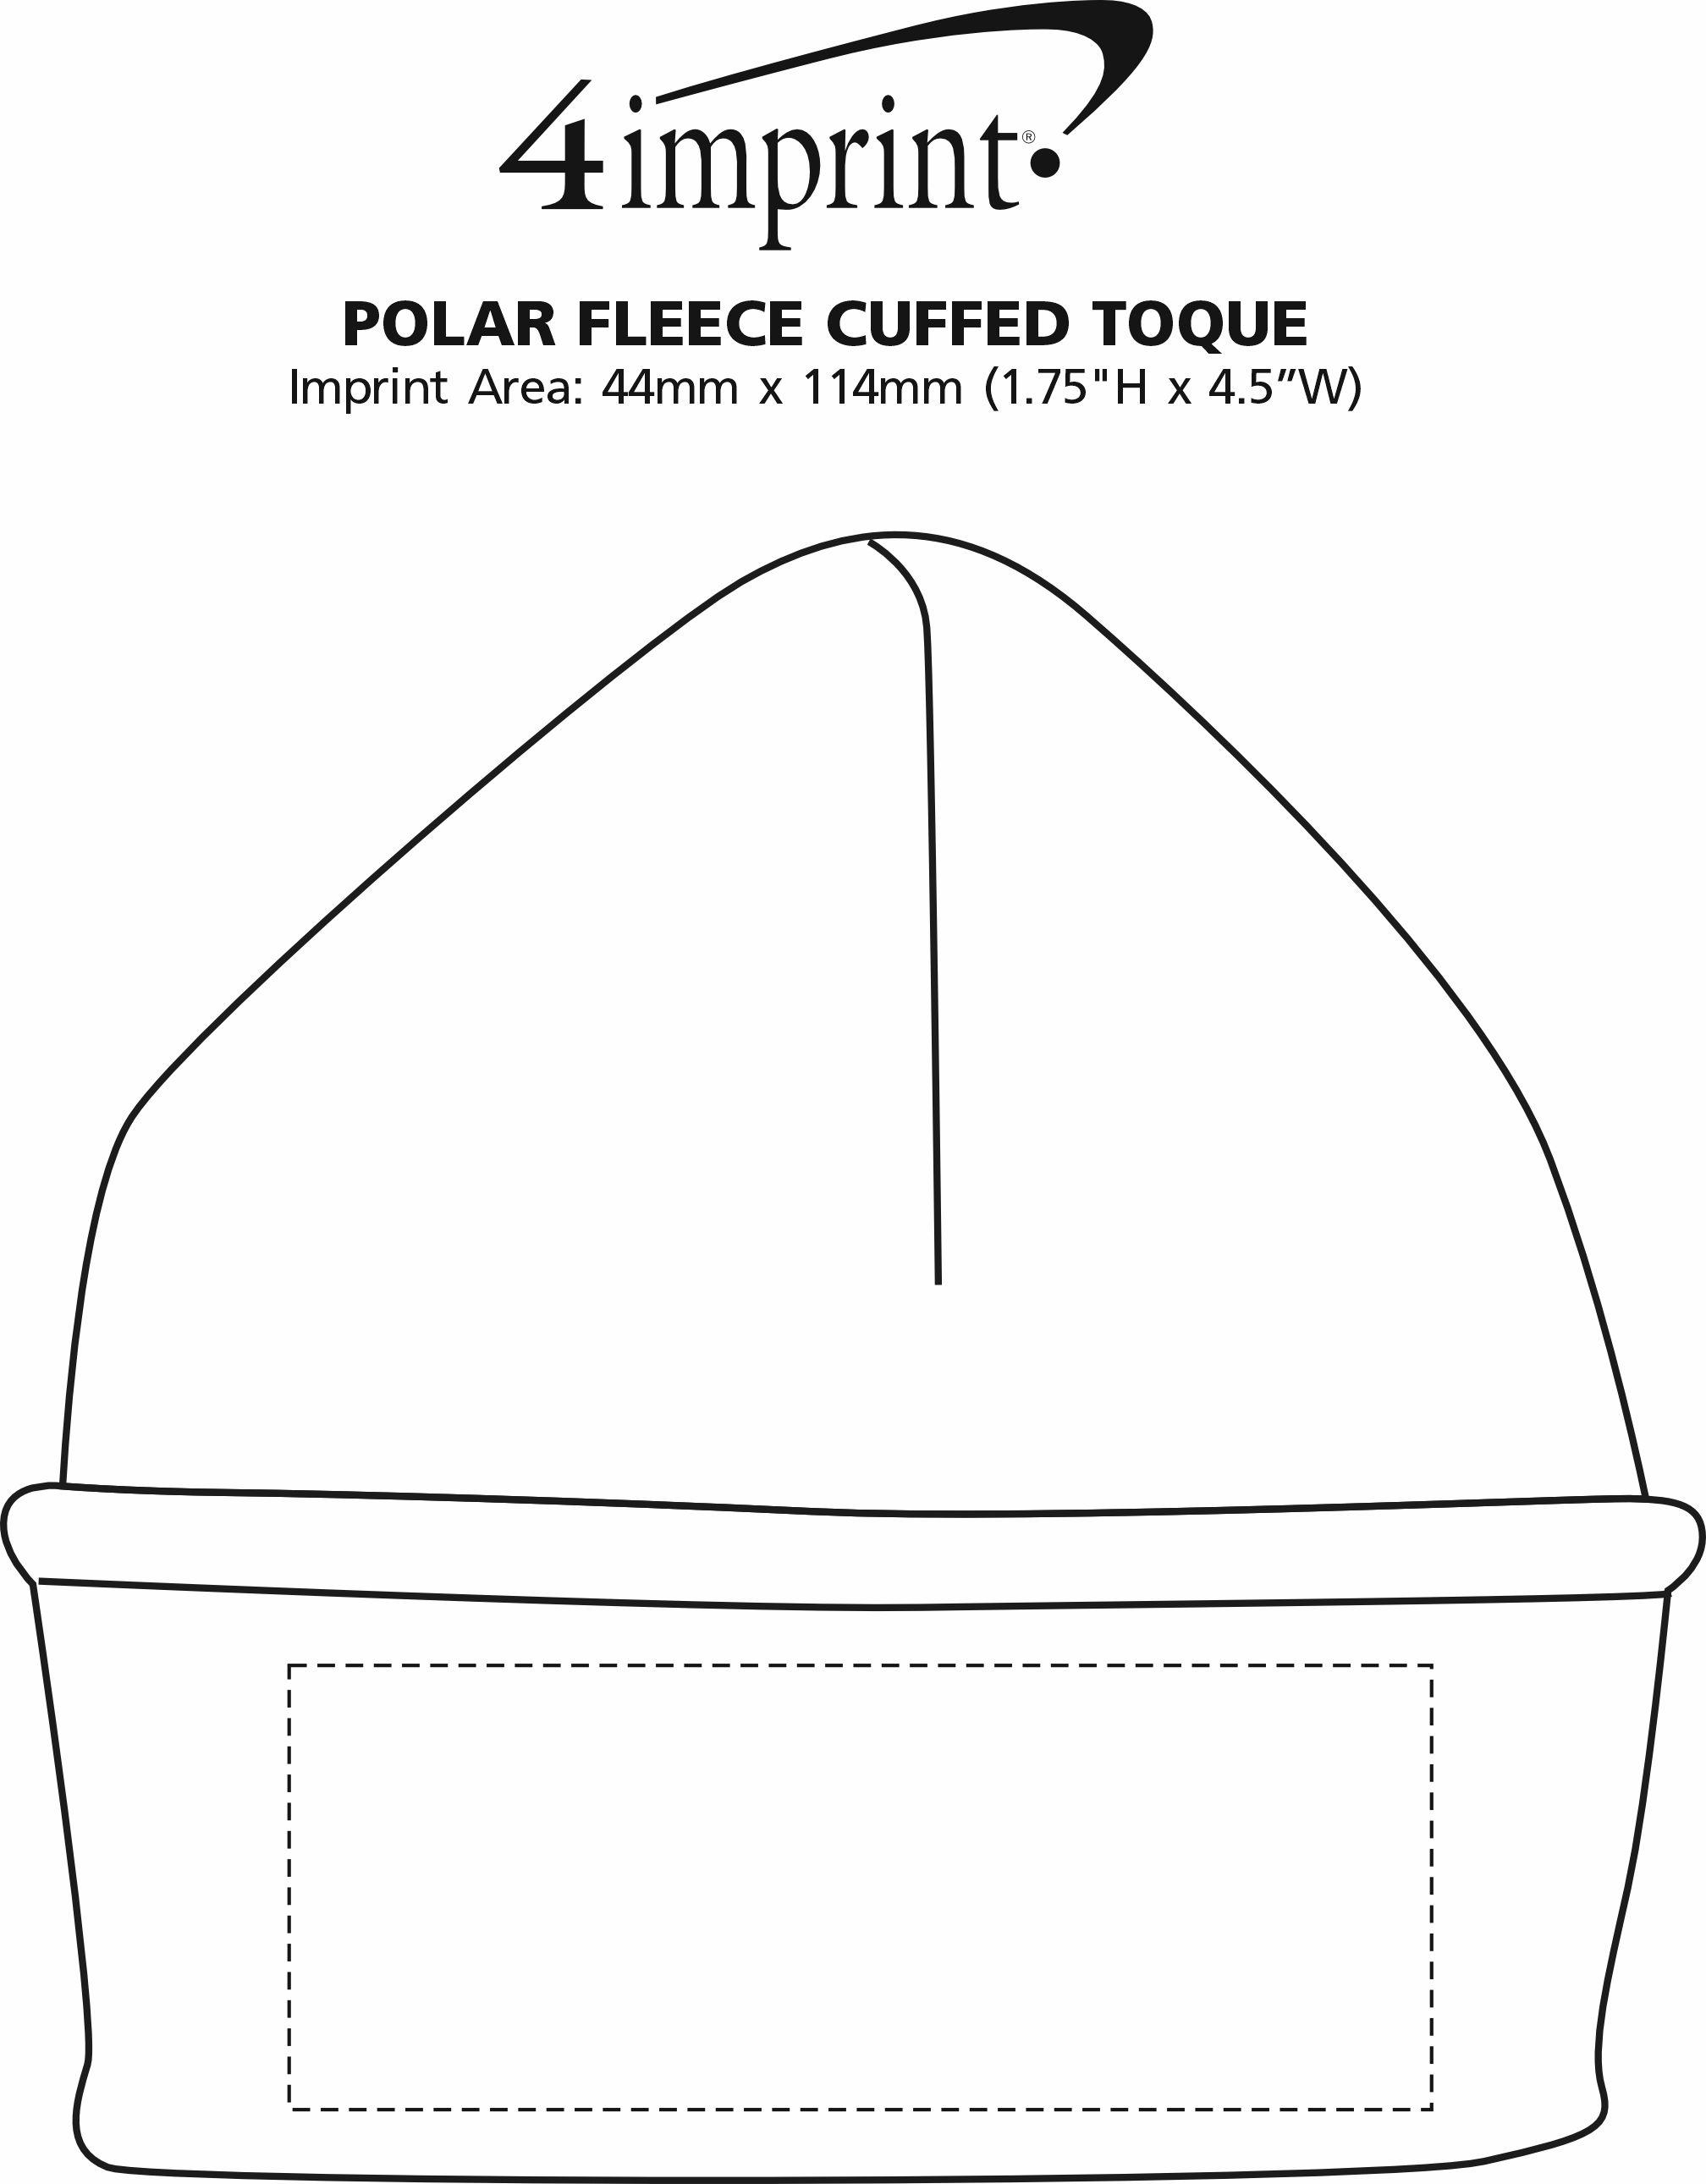 Imprint Area of Polar Fleece Cuffed Toque